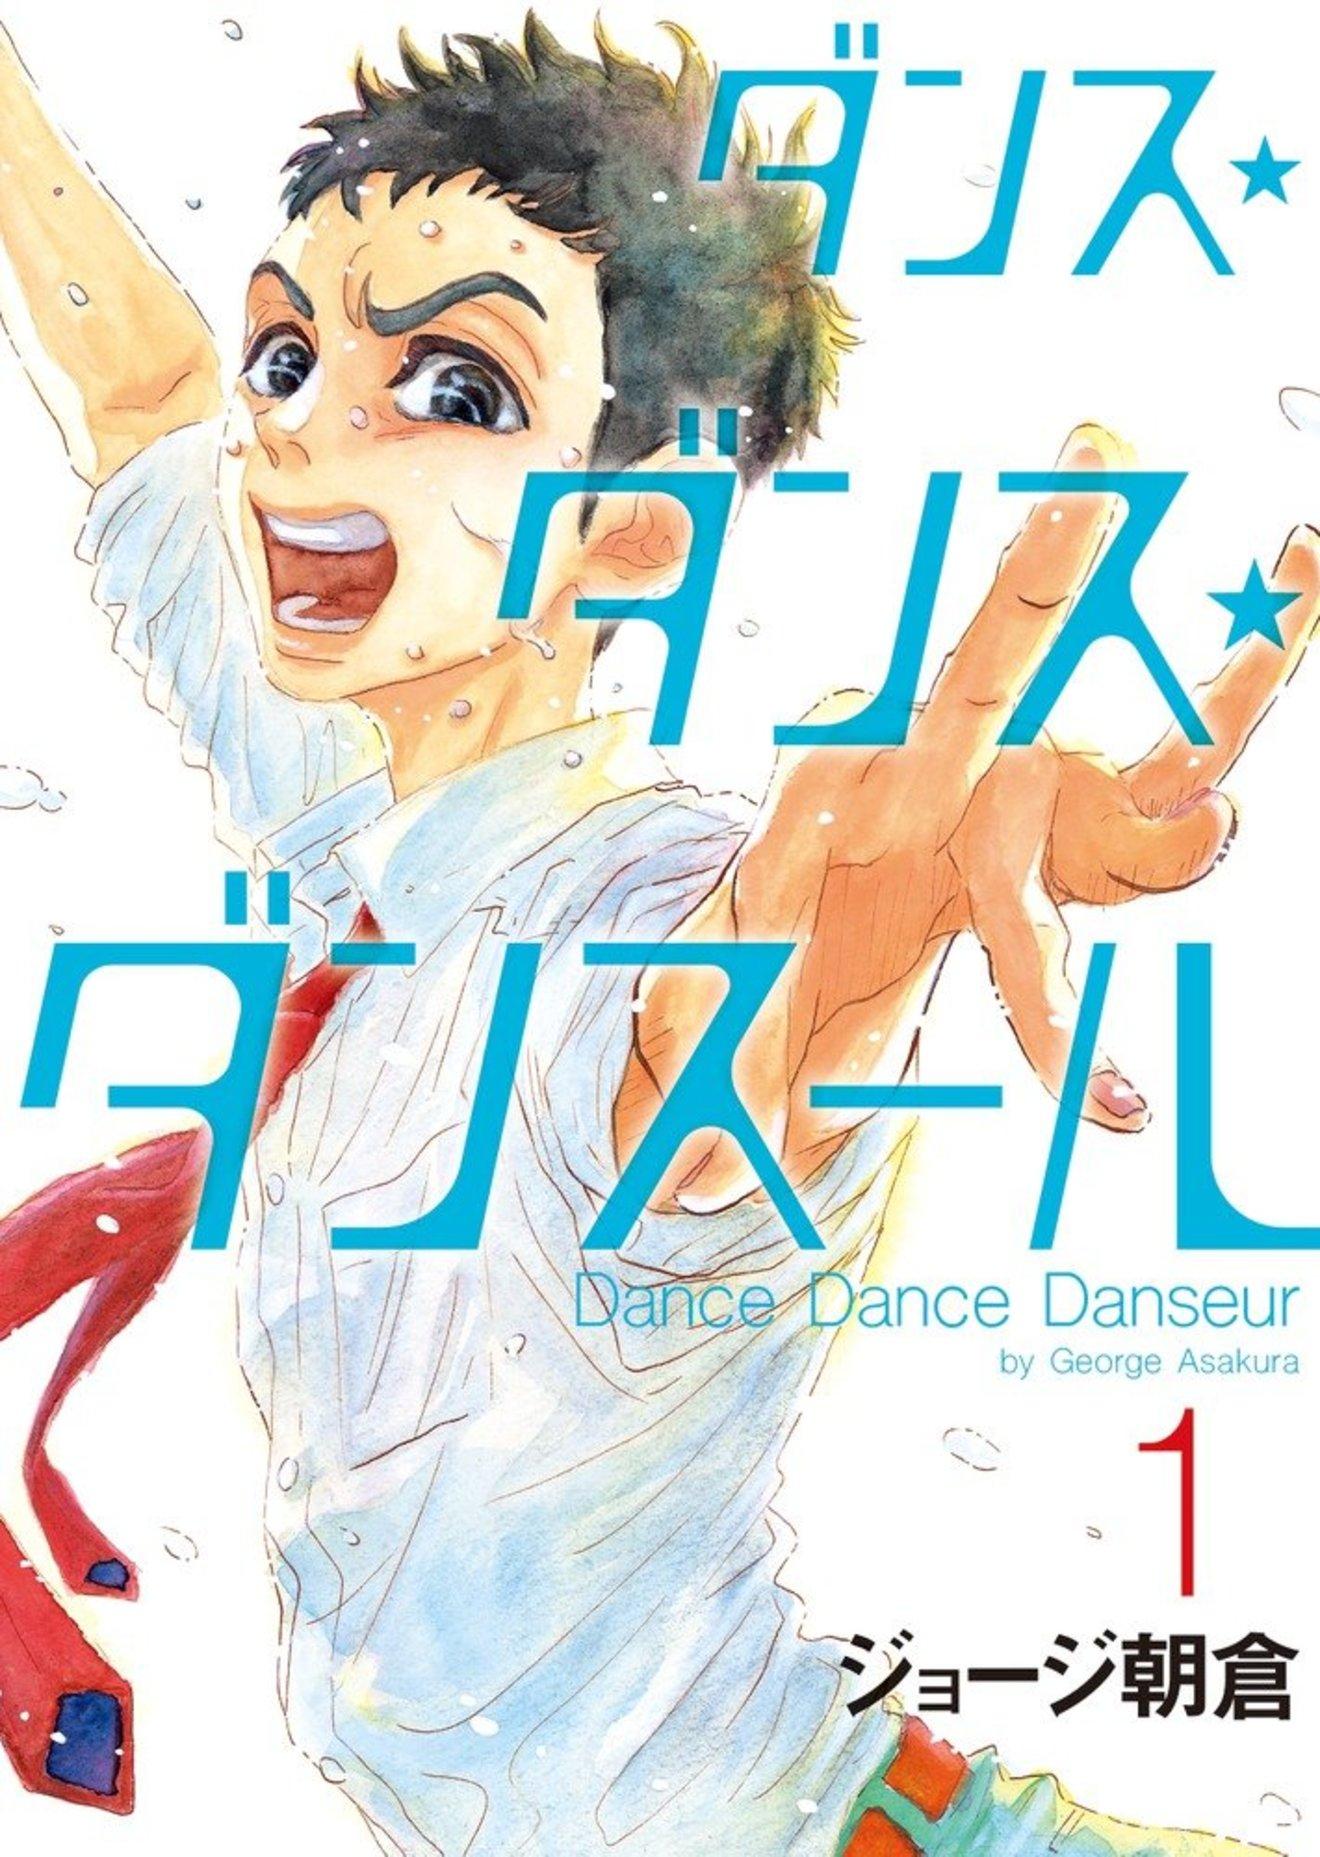 『ダンス・ダンス・ダンスール』が熱すぎる。12巻までの見所をネタバレ紹介